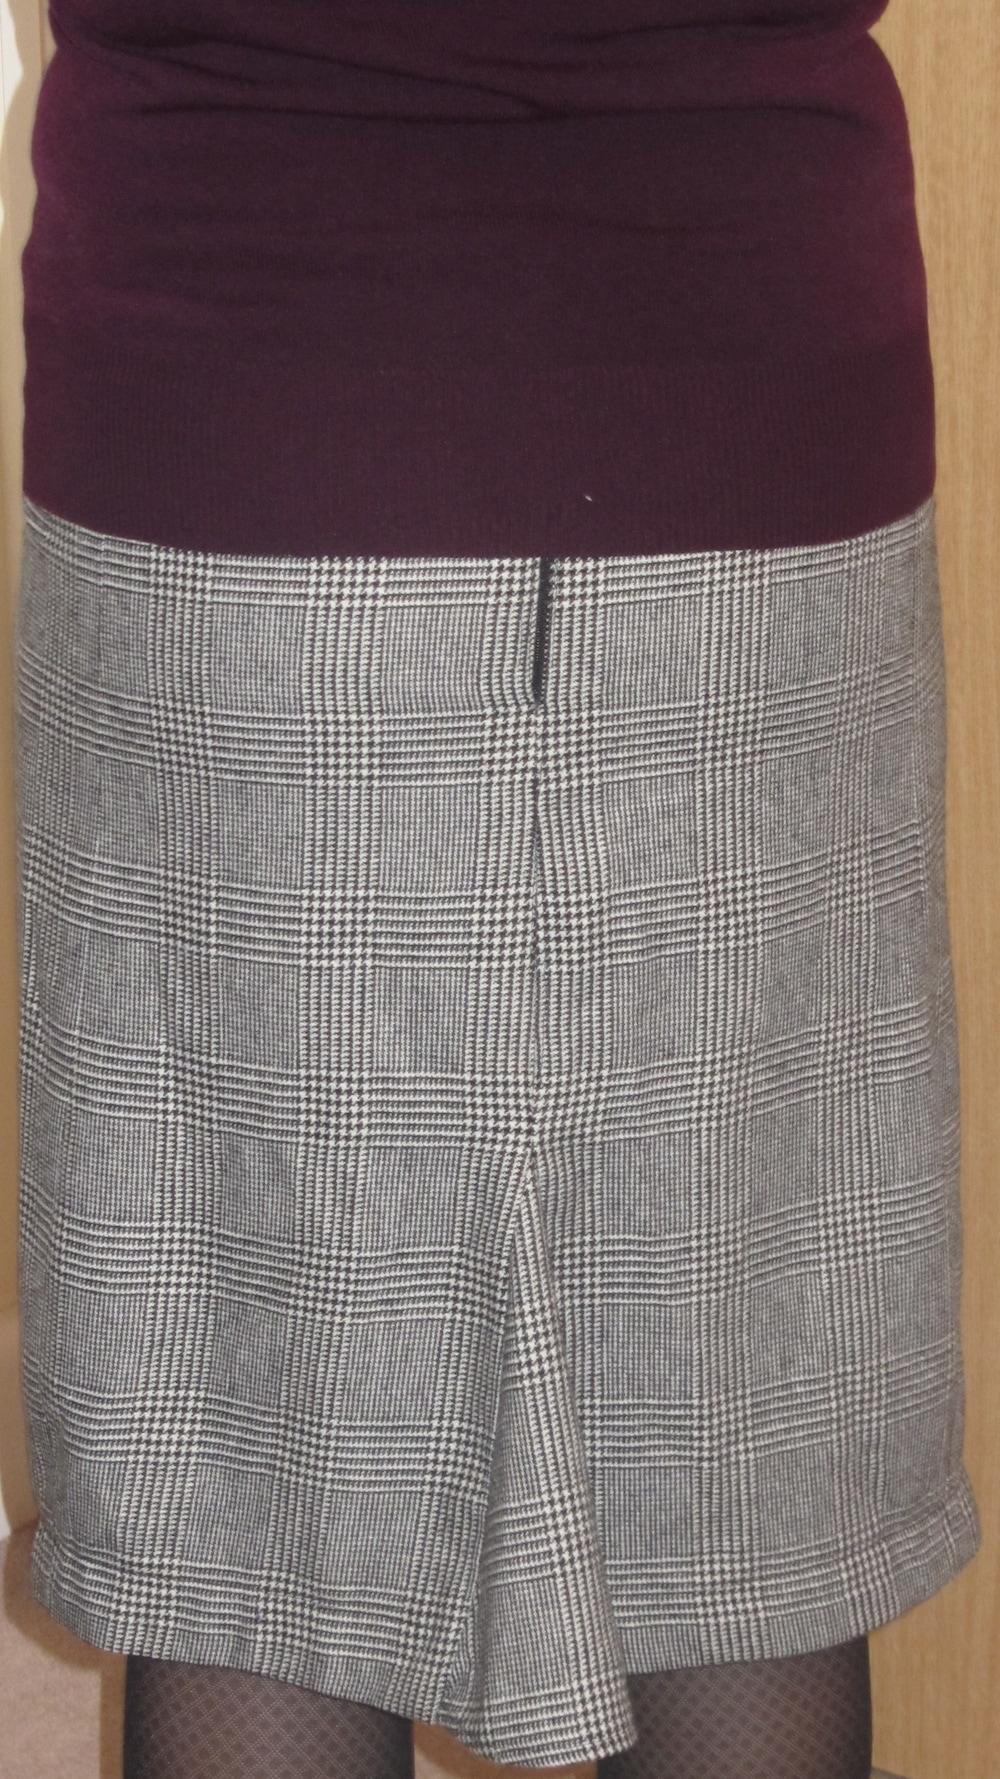 Hot Patterns Deco Vibe Skinny Skirt 3.jpg